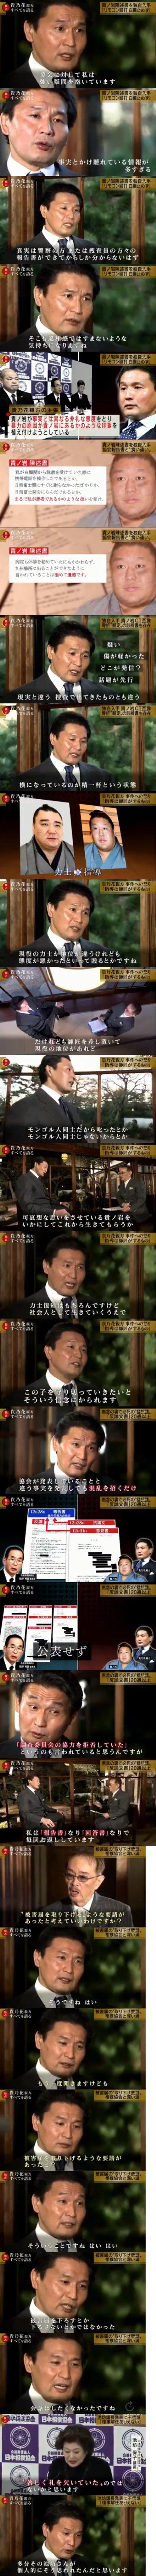 貴乃花親方 日馬富士 貴ノ岩 暴行事件 特番に関連した画像-03